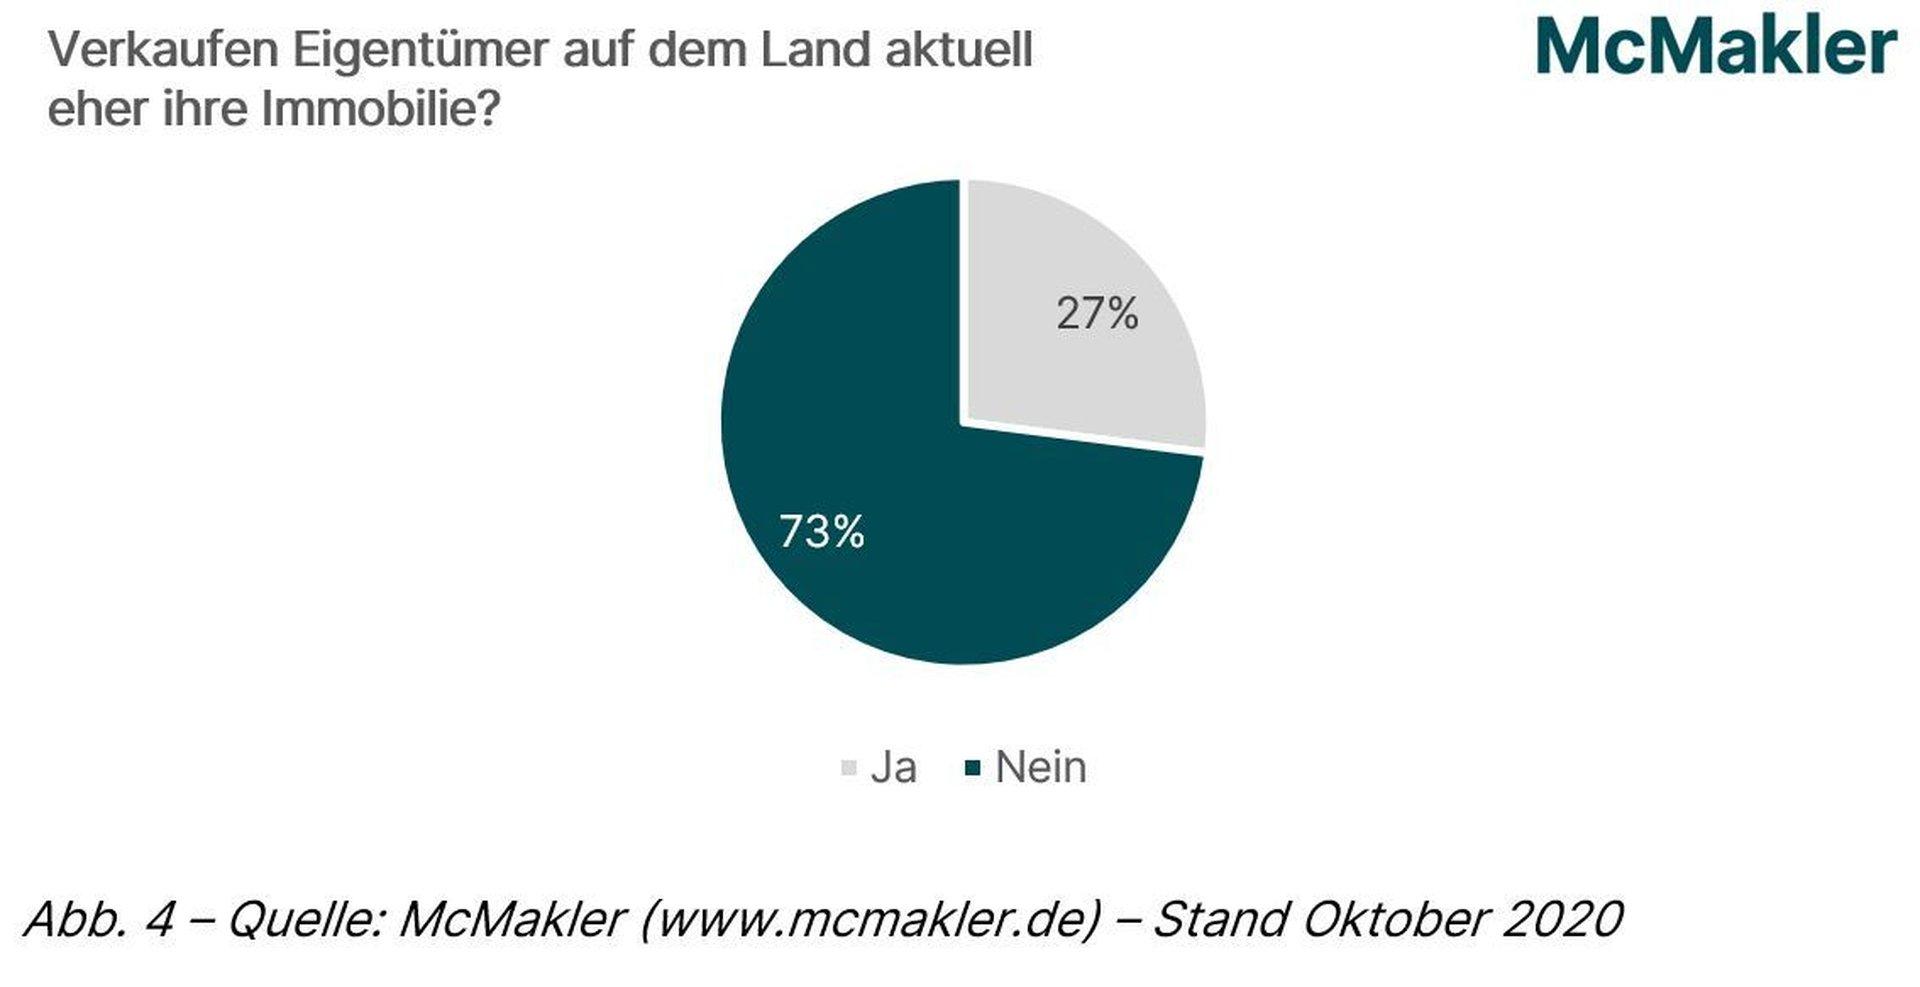 McMakler Umfrage: Verkaufen Eigentümer Immobilien auf dem Land